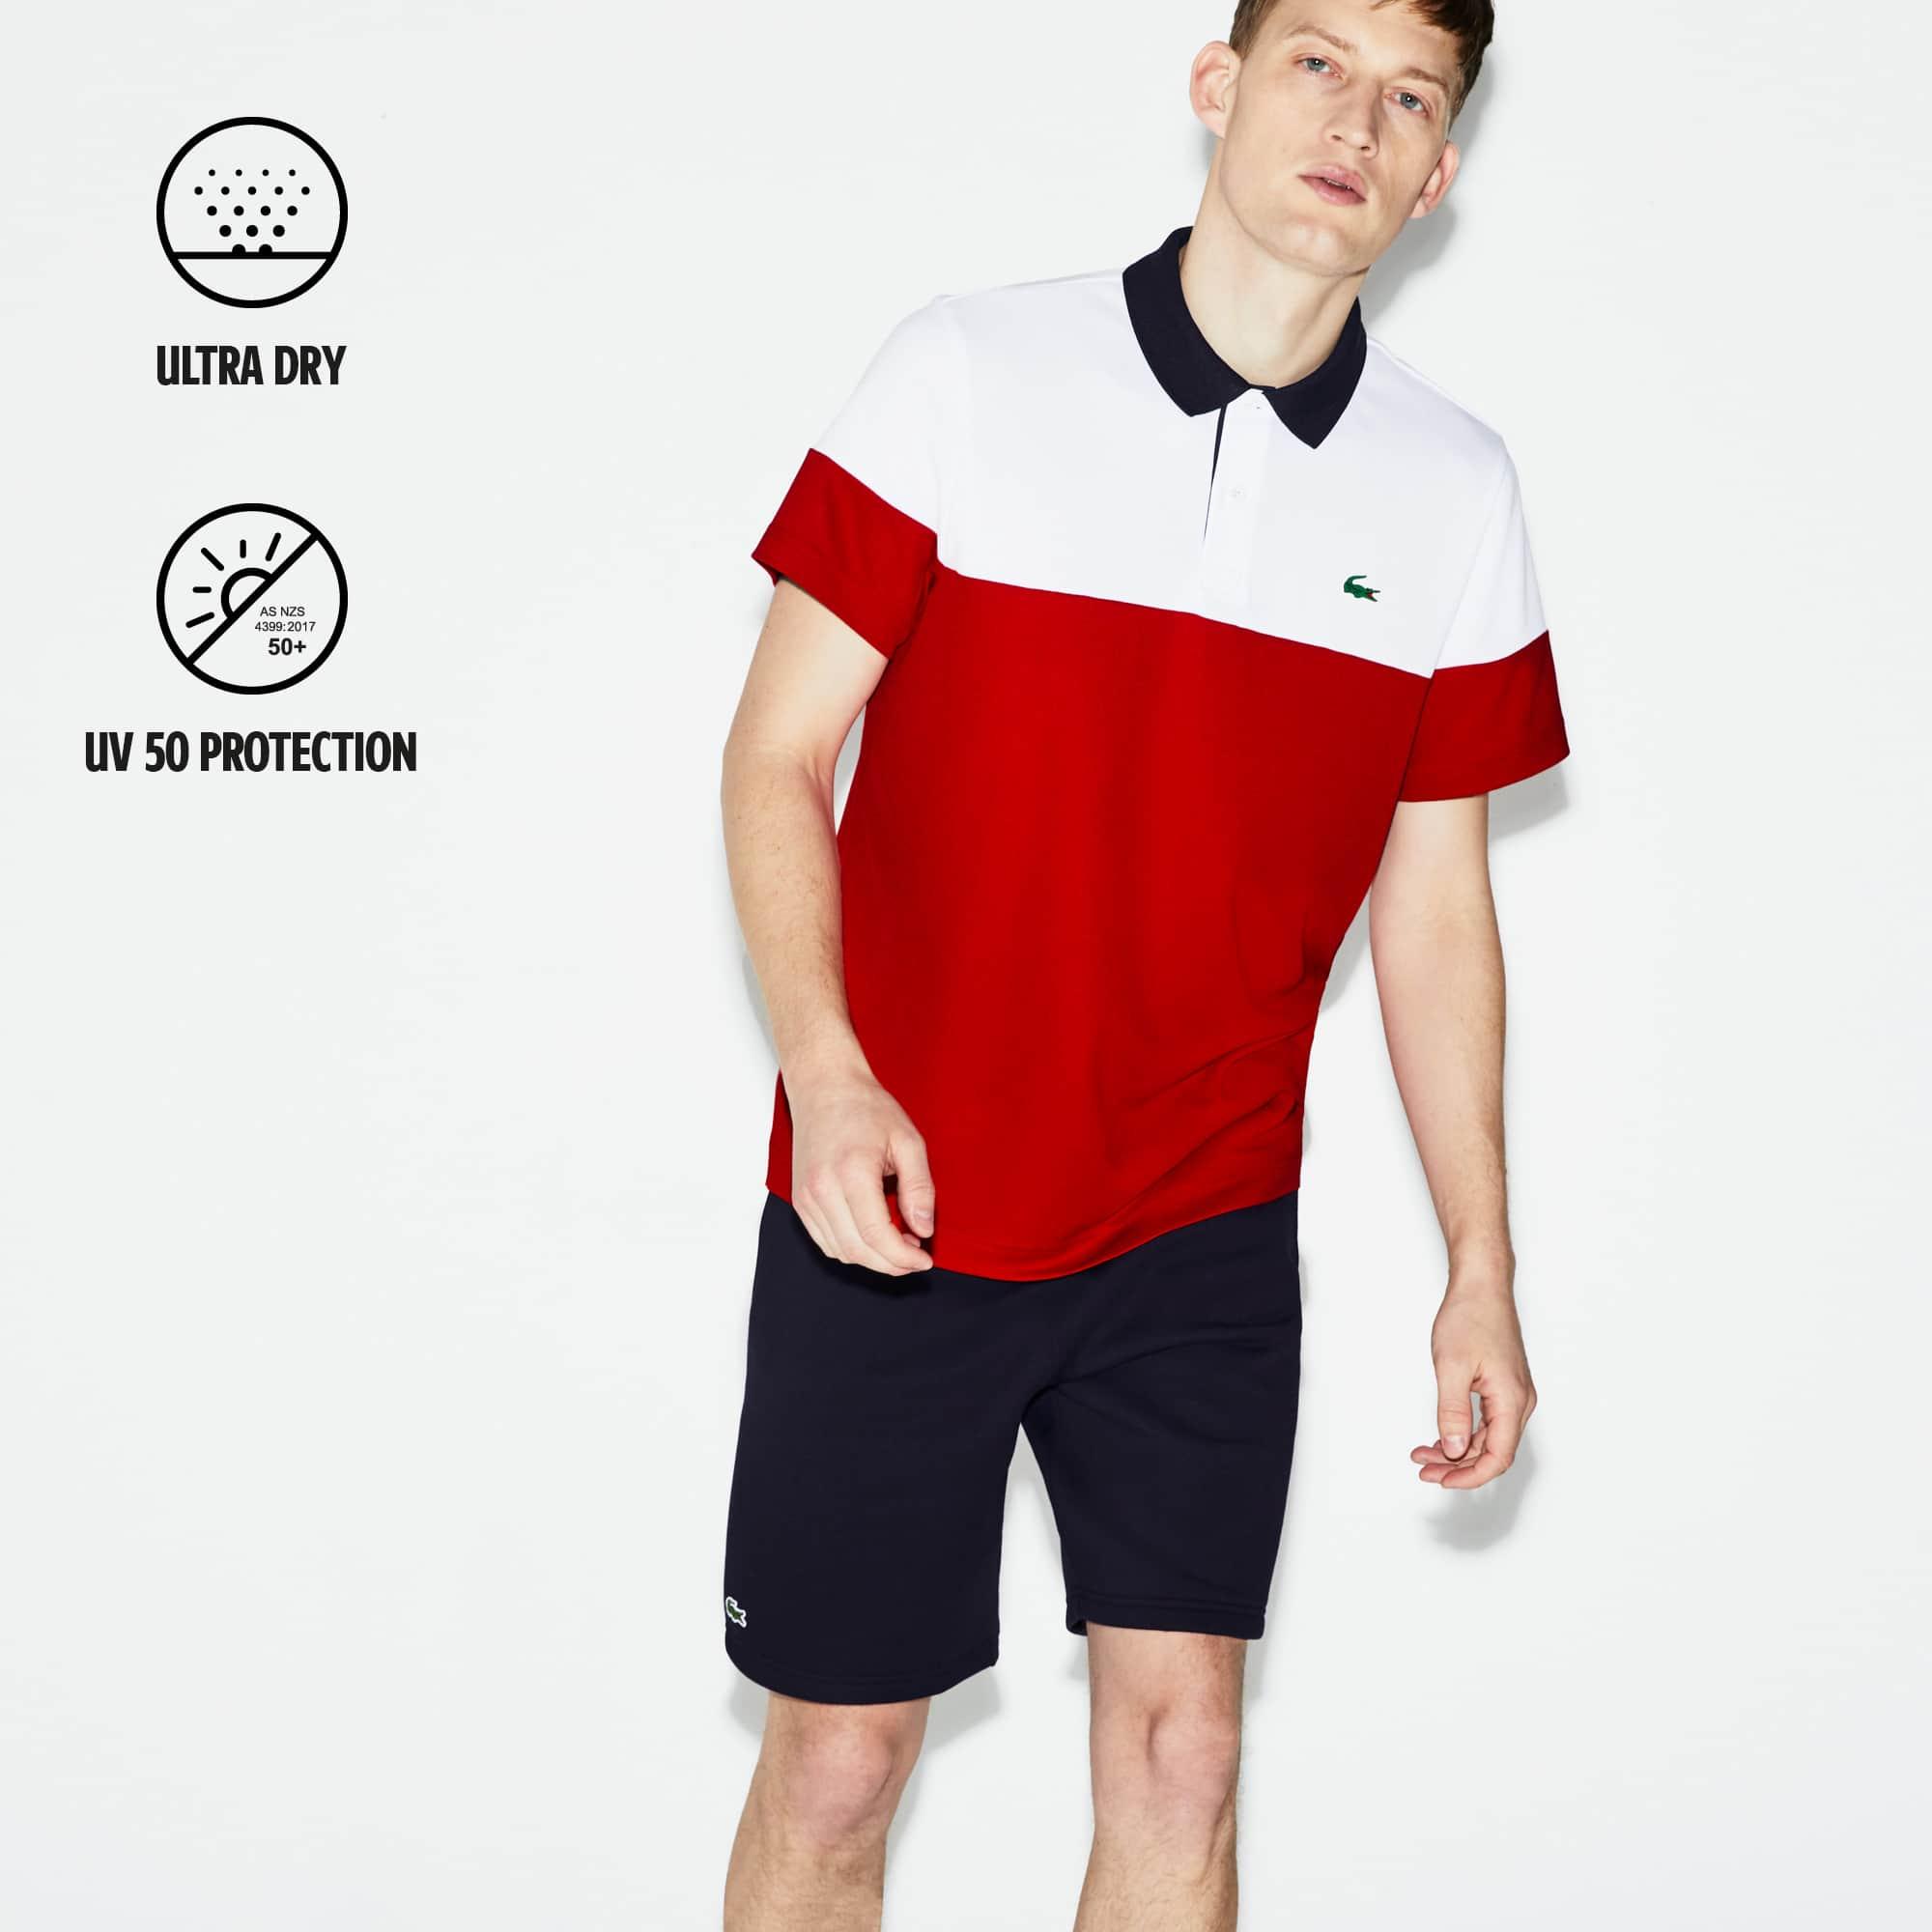 Polo ultra dry et uv protection Lacoste en bleu pour homme